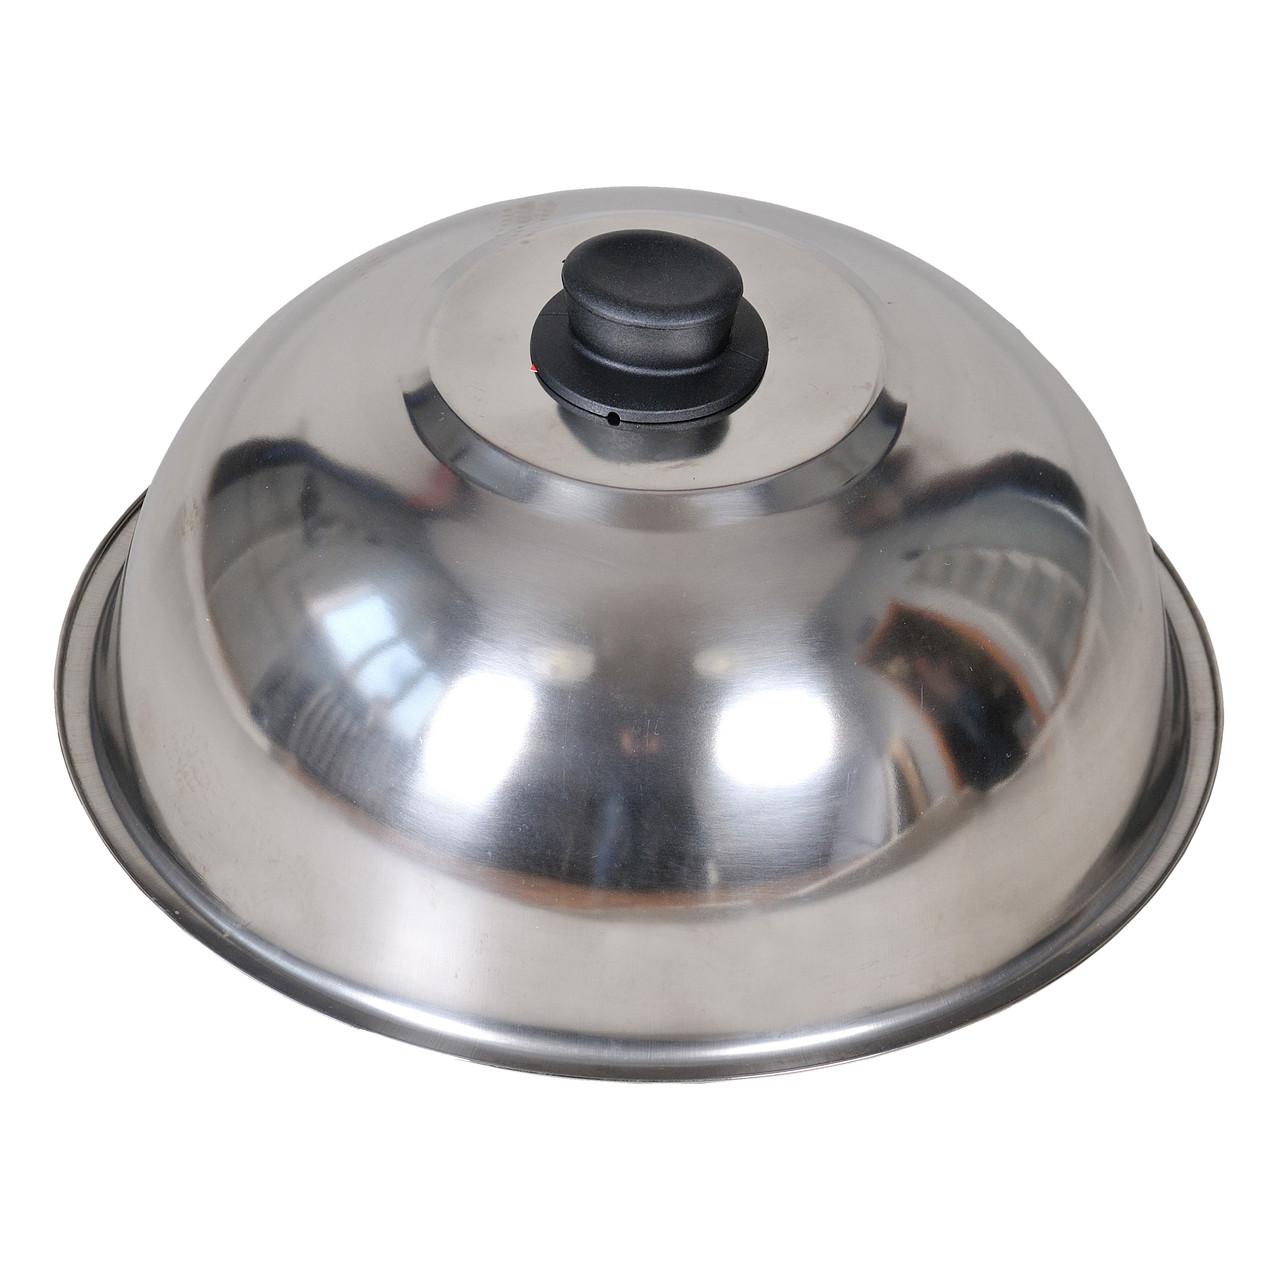 Крышка на Садж для подогрева мяса 360 мм